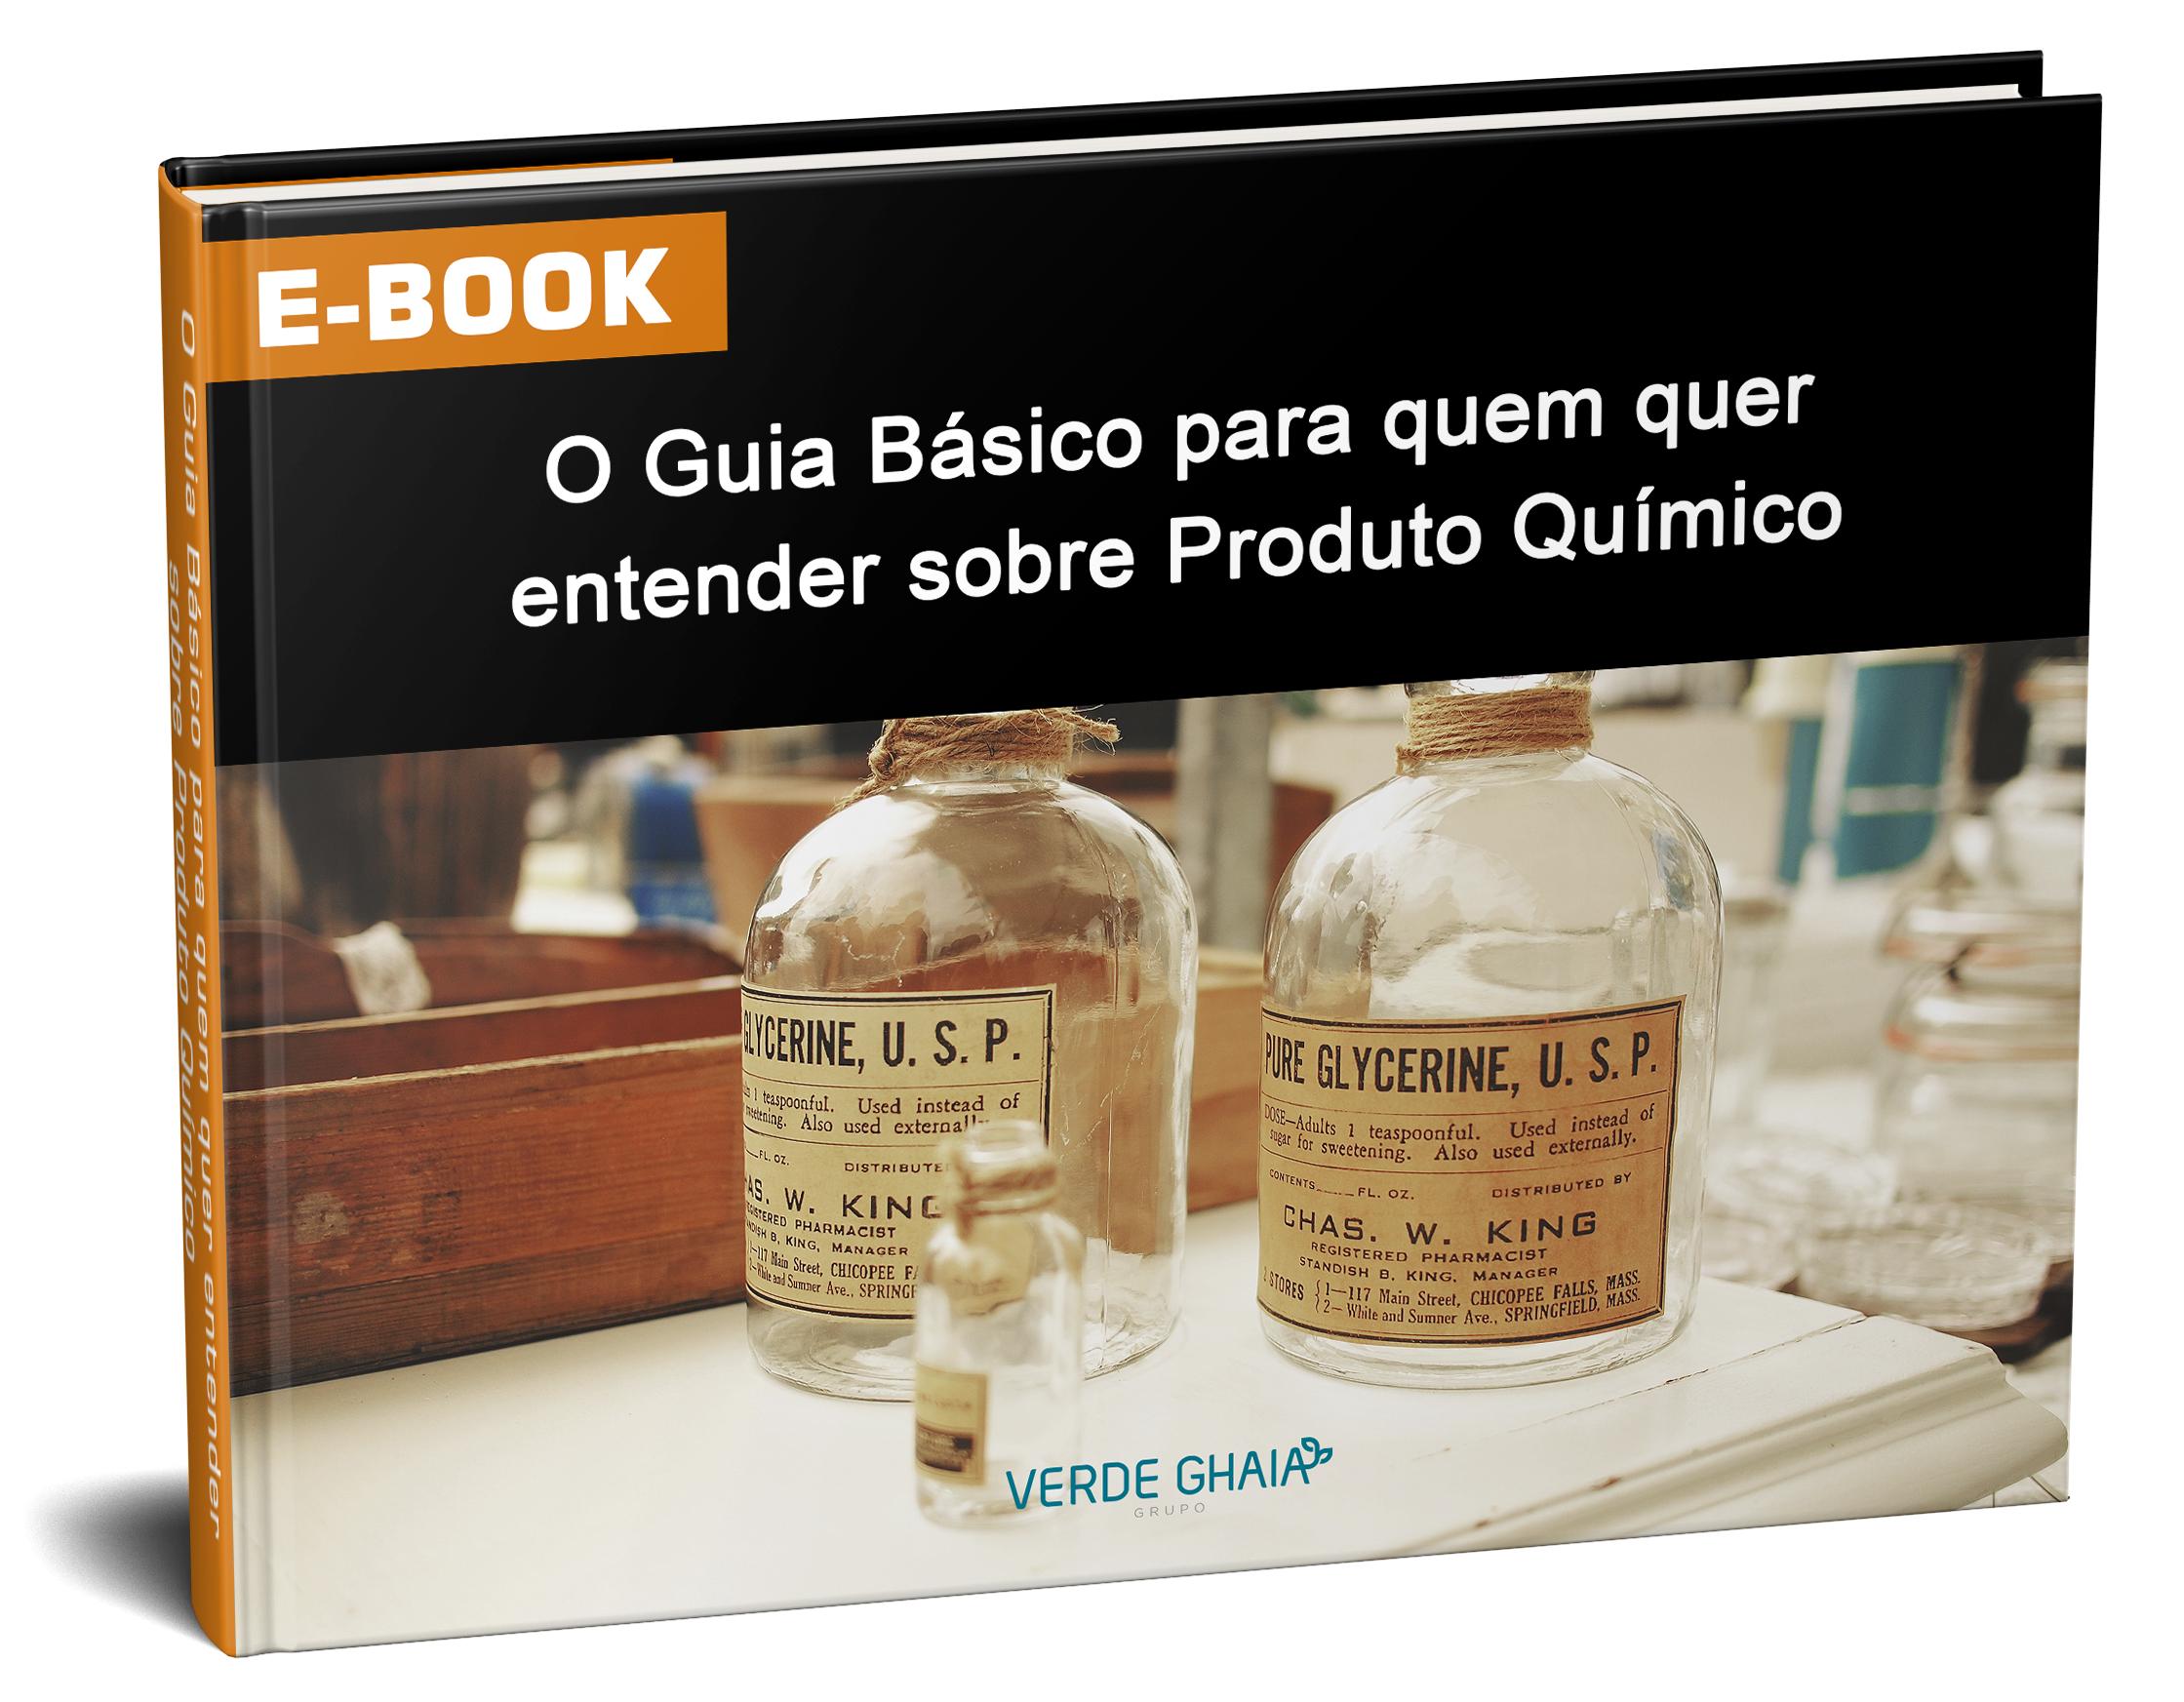 EBOOK - O Guia Básico para quem quer entender sobre Produto Químico